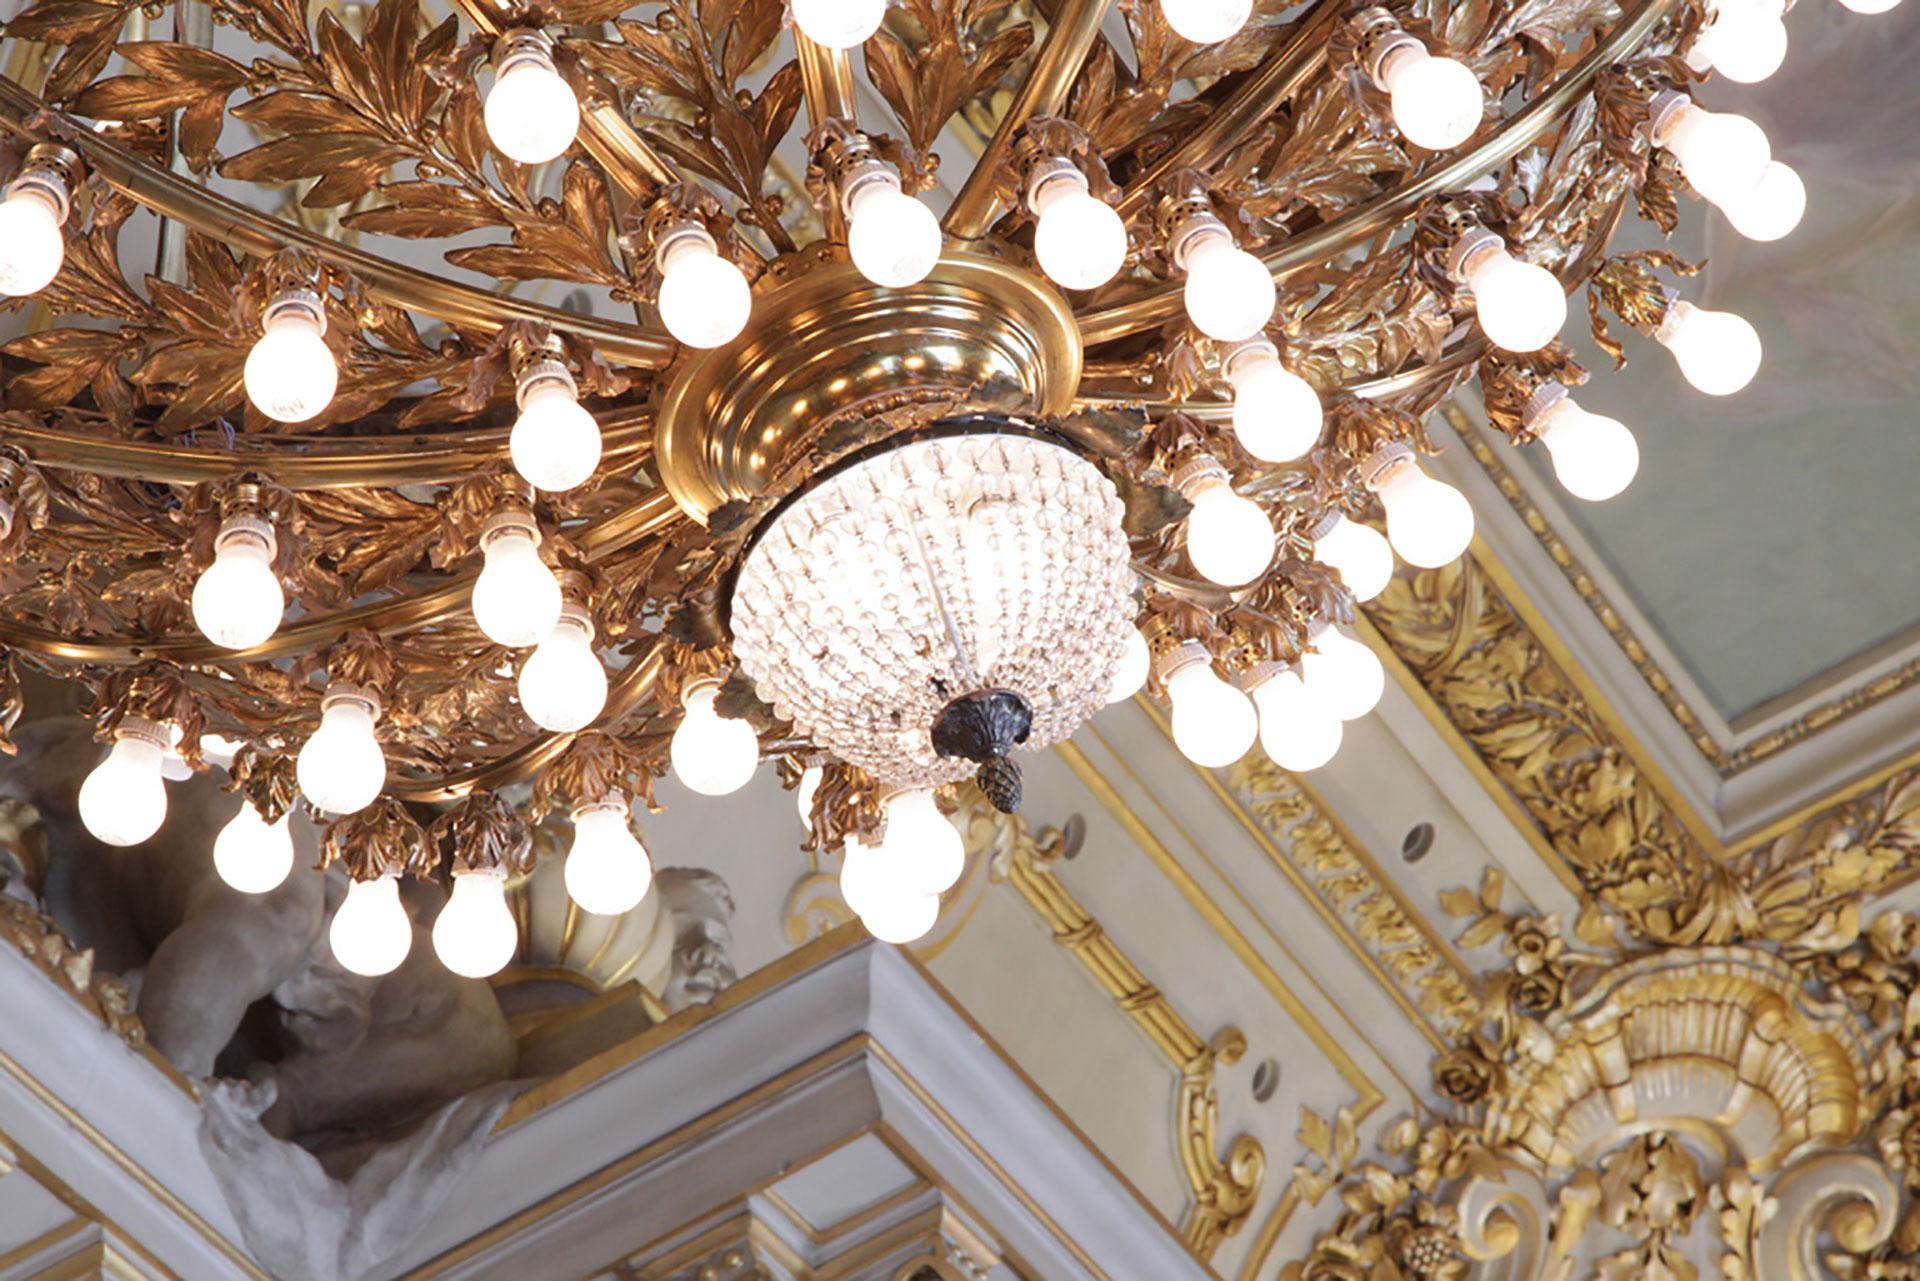 Los imponentes candelambros revestidos en oro con más de 50 luces